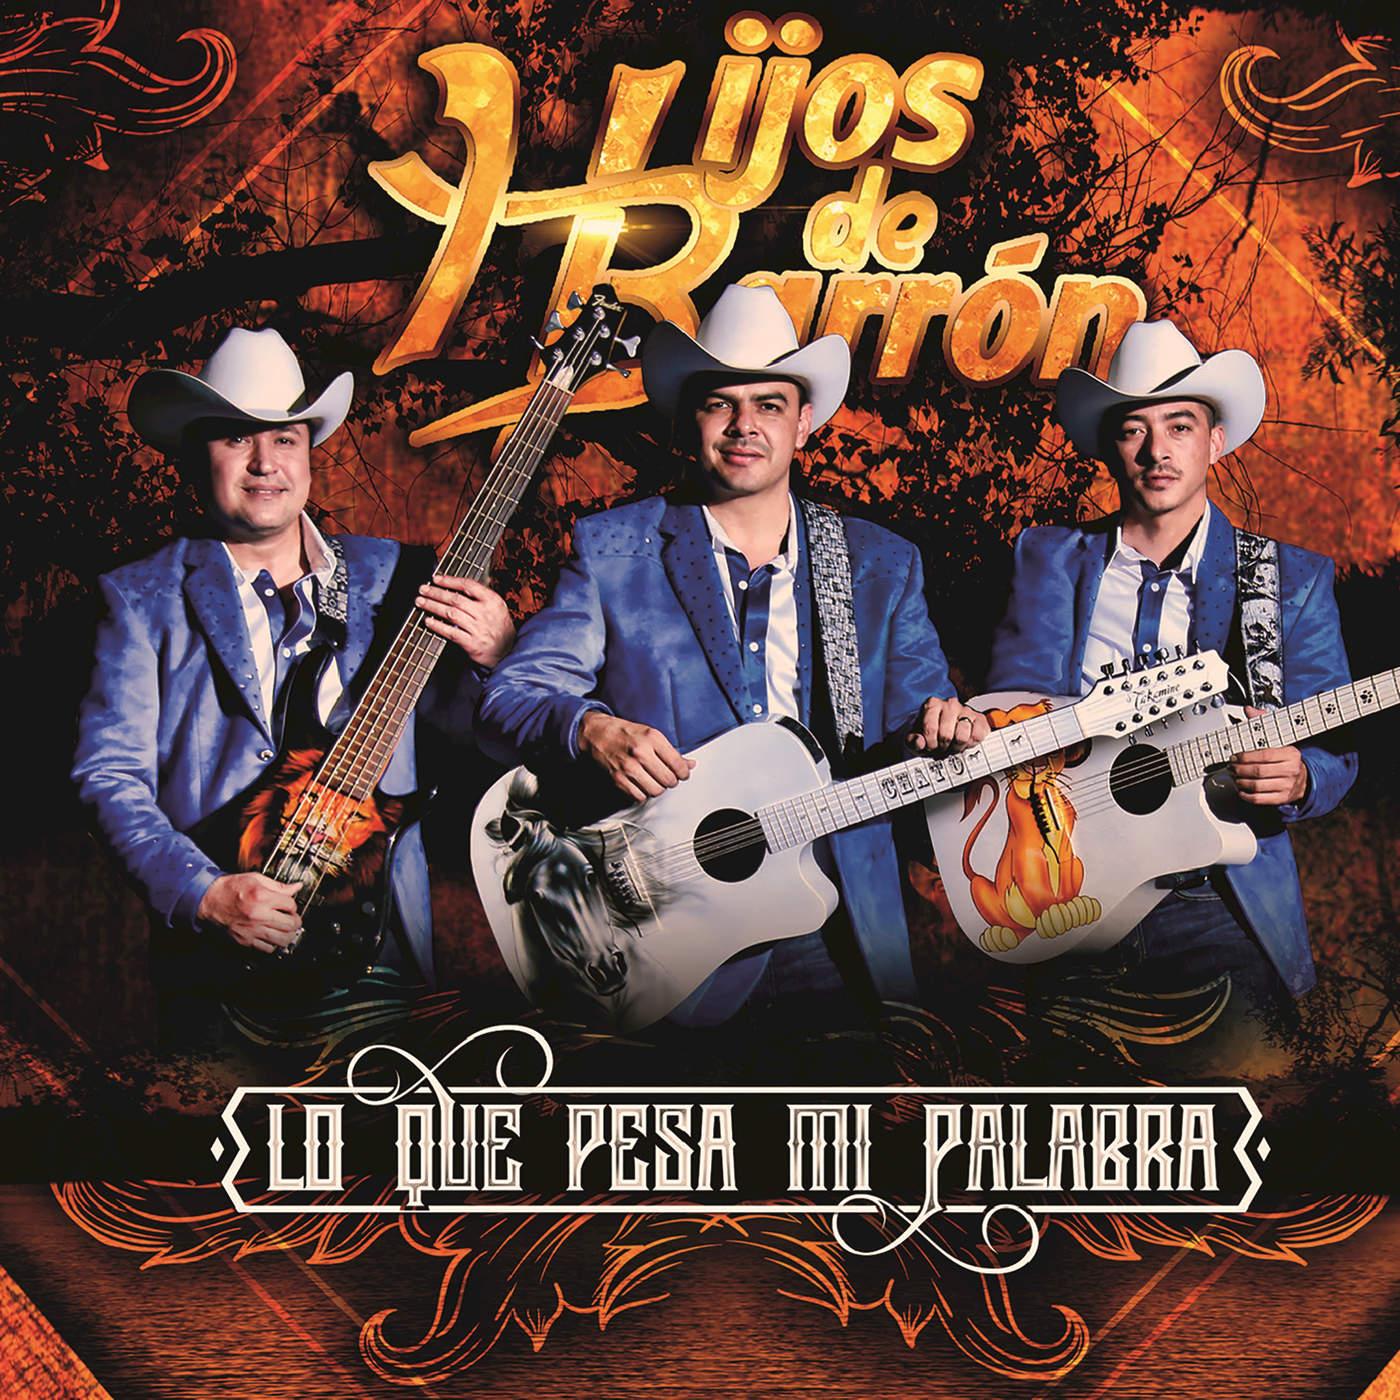 Hijos de Barron 16 Canciones Pa Pistear Vol 2 lbum